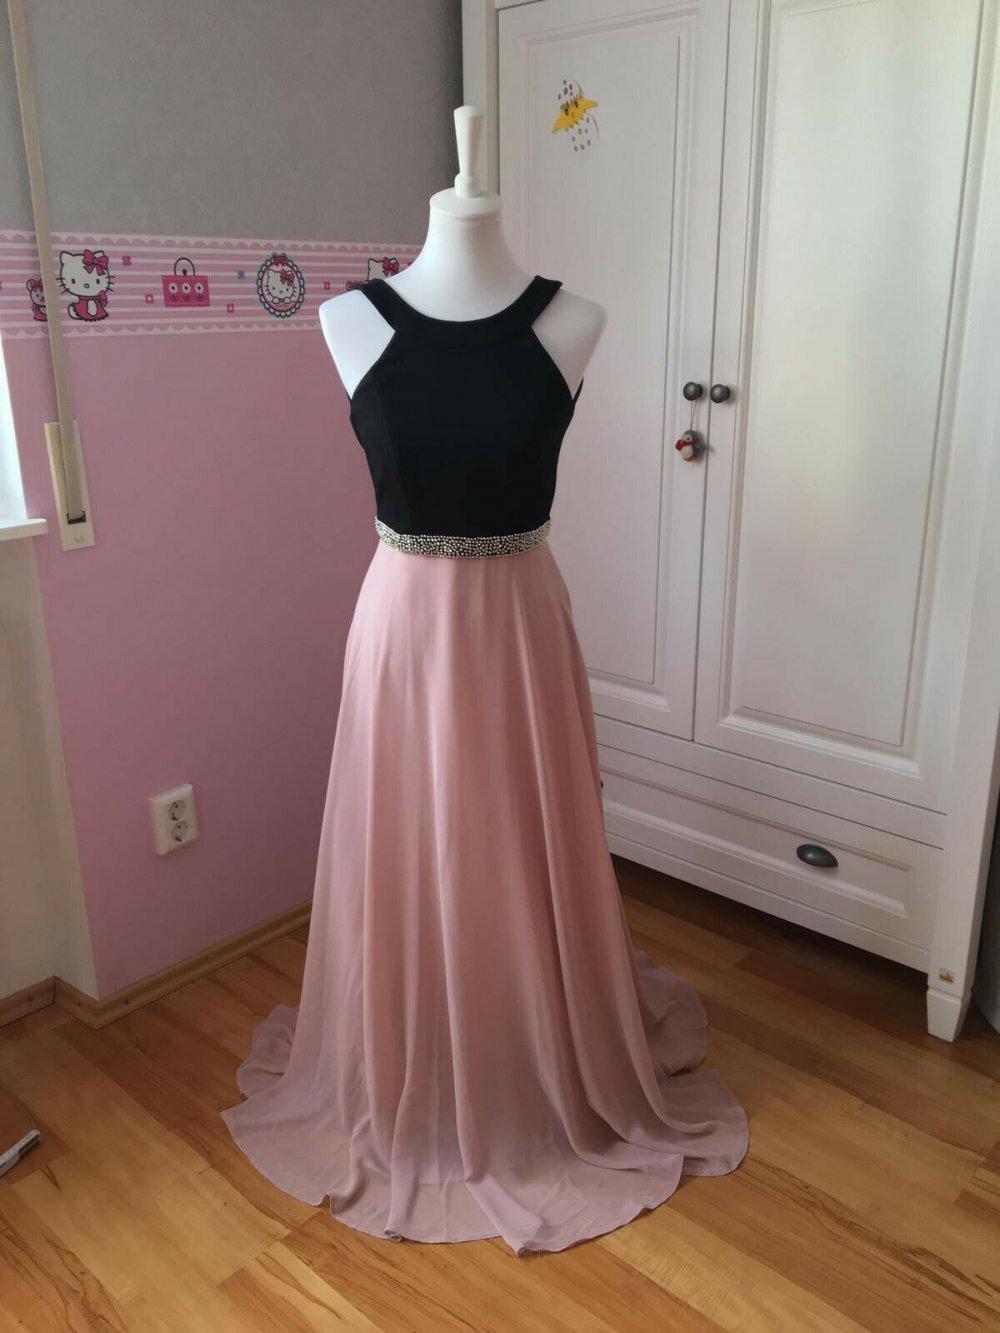 Abend Perfekt Jakes Abendkleid für 201917 Erstaunlich Jakes Abendkleid Stylish